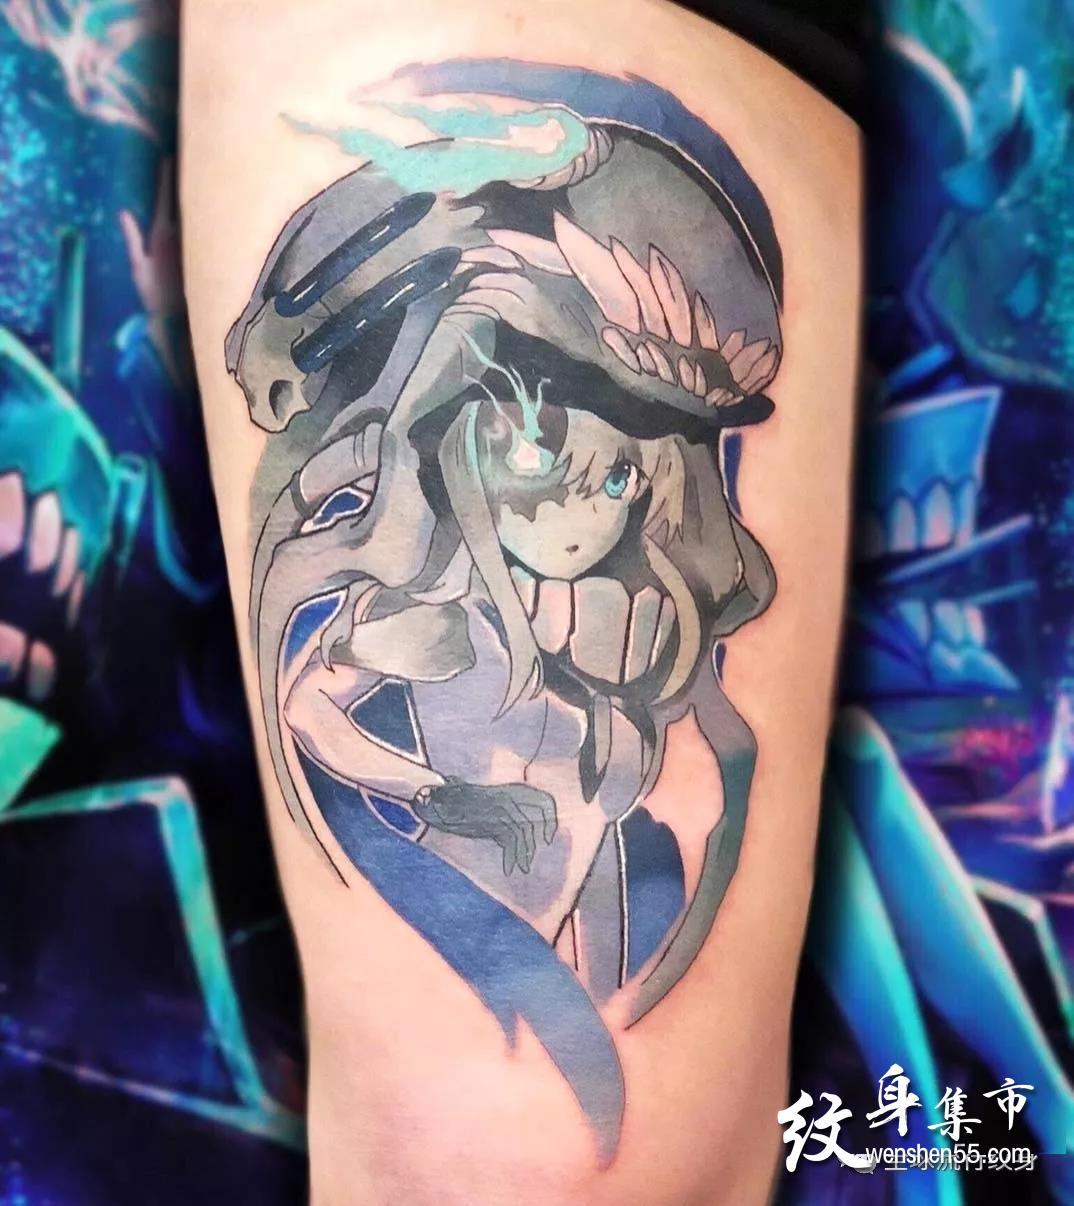 彩色动漫纹身,彩色动漫纹身手稿,彩色动漫纹身手稿图案